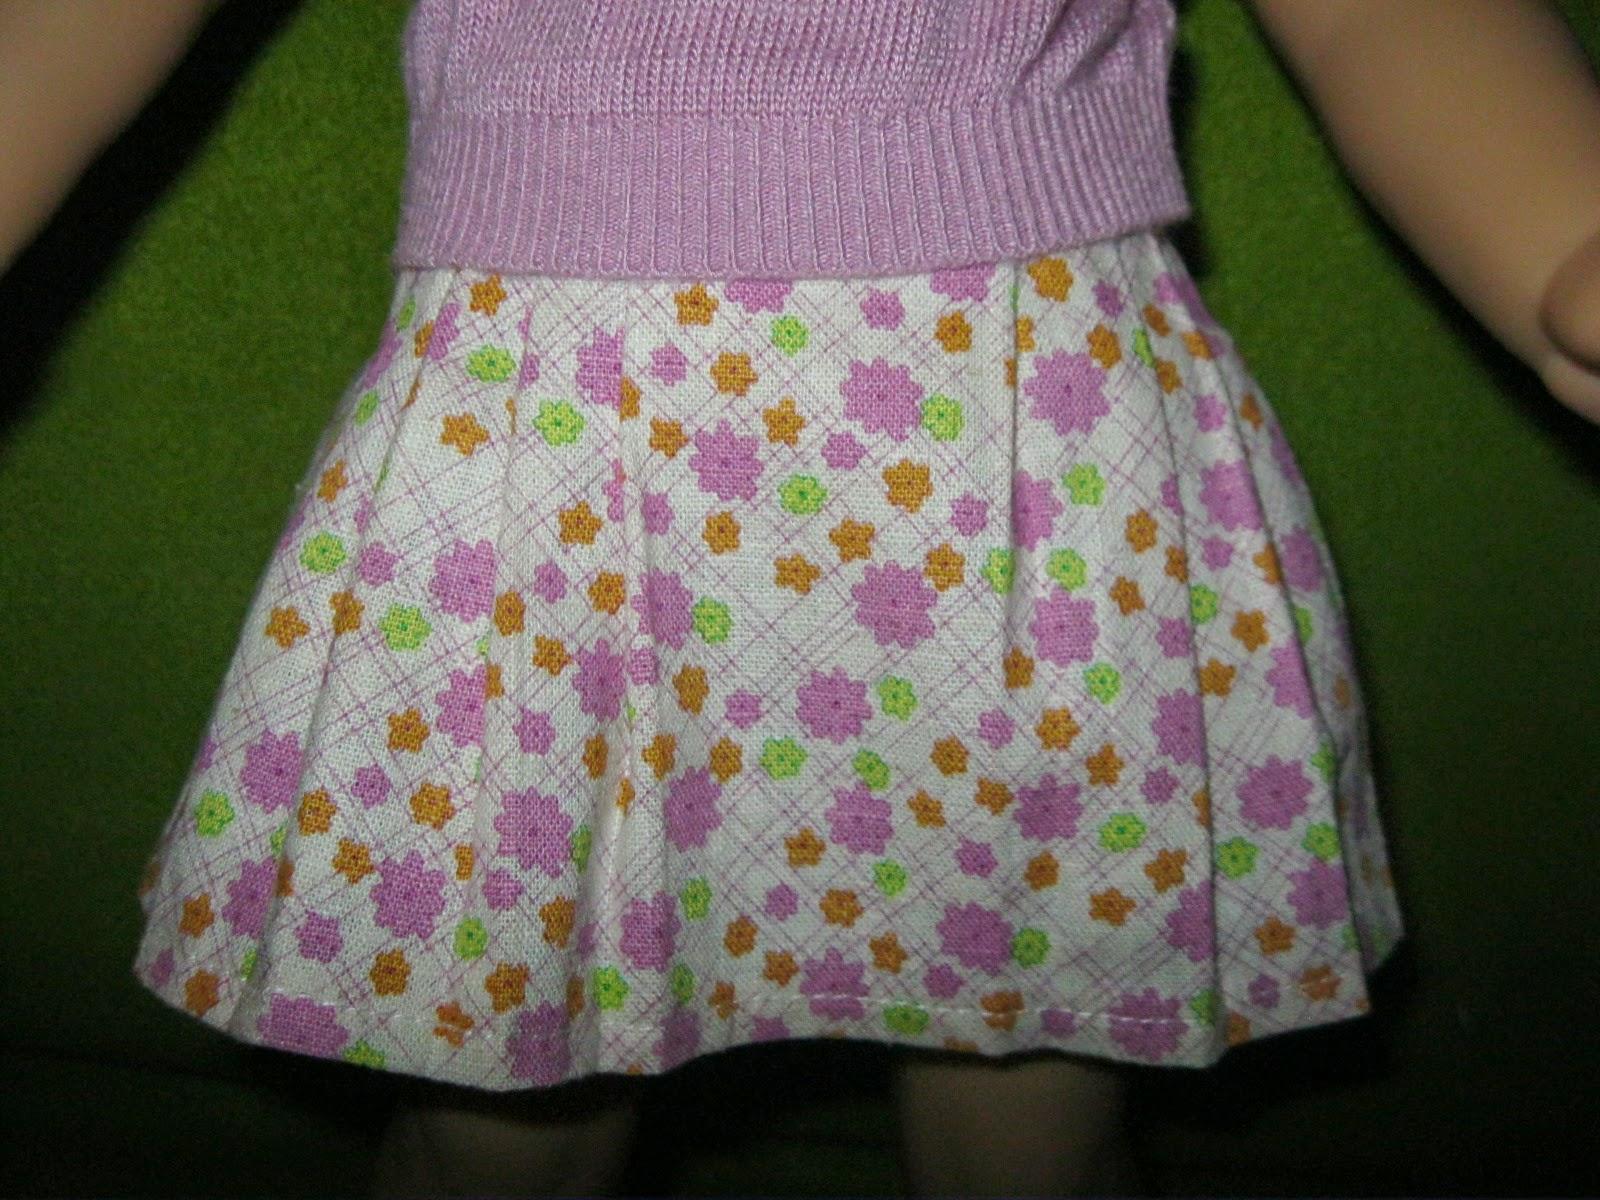 American Girl Kit/'s Meet Skirt Classic New Floral Retired